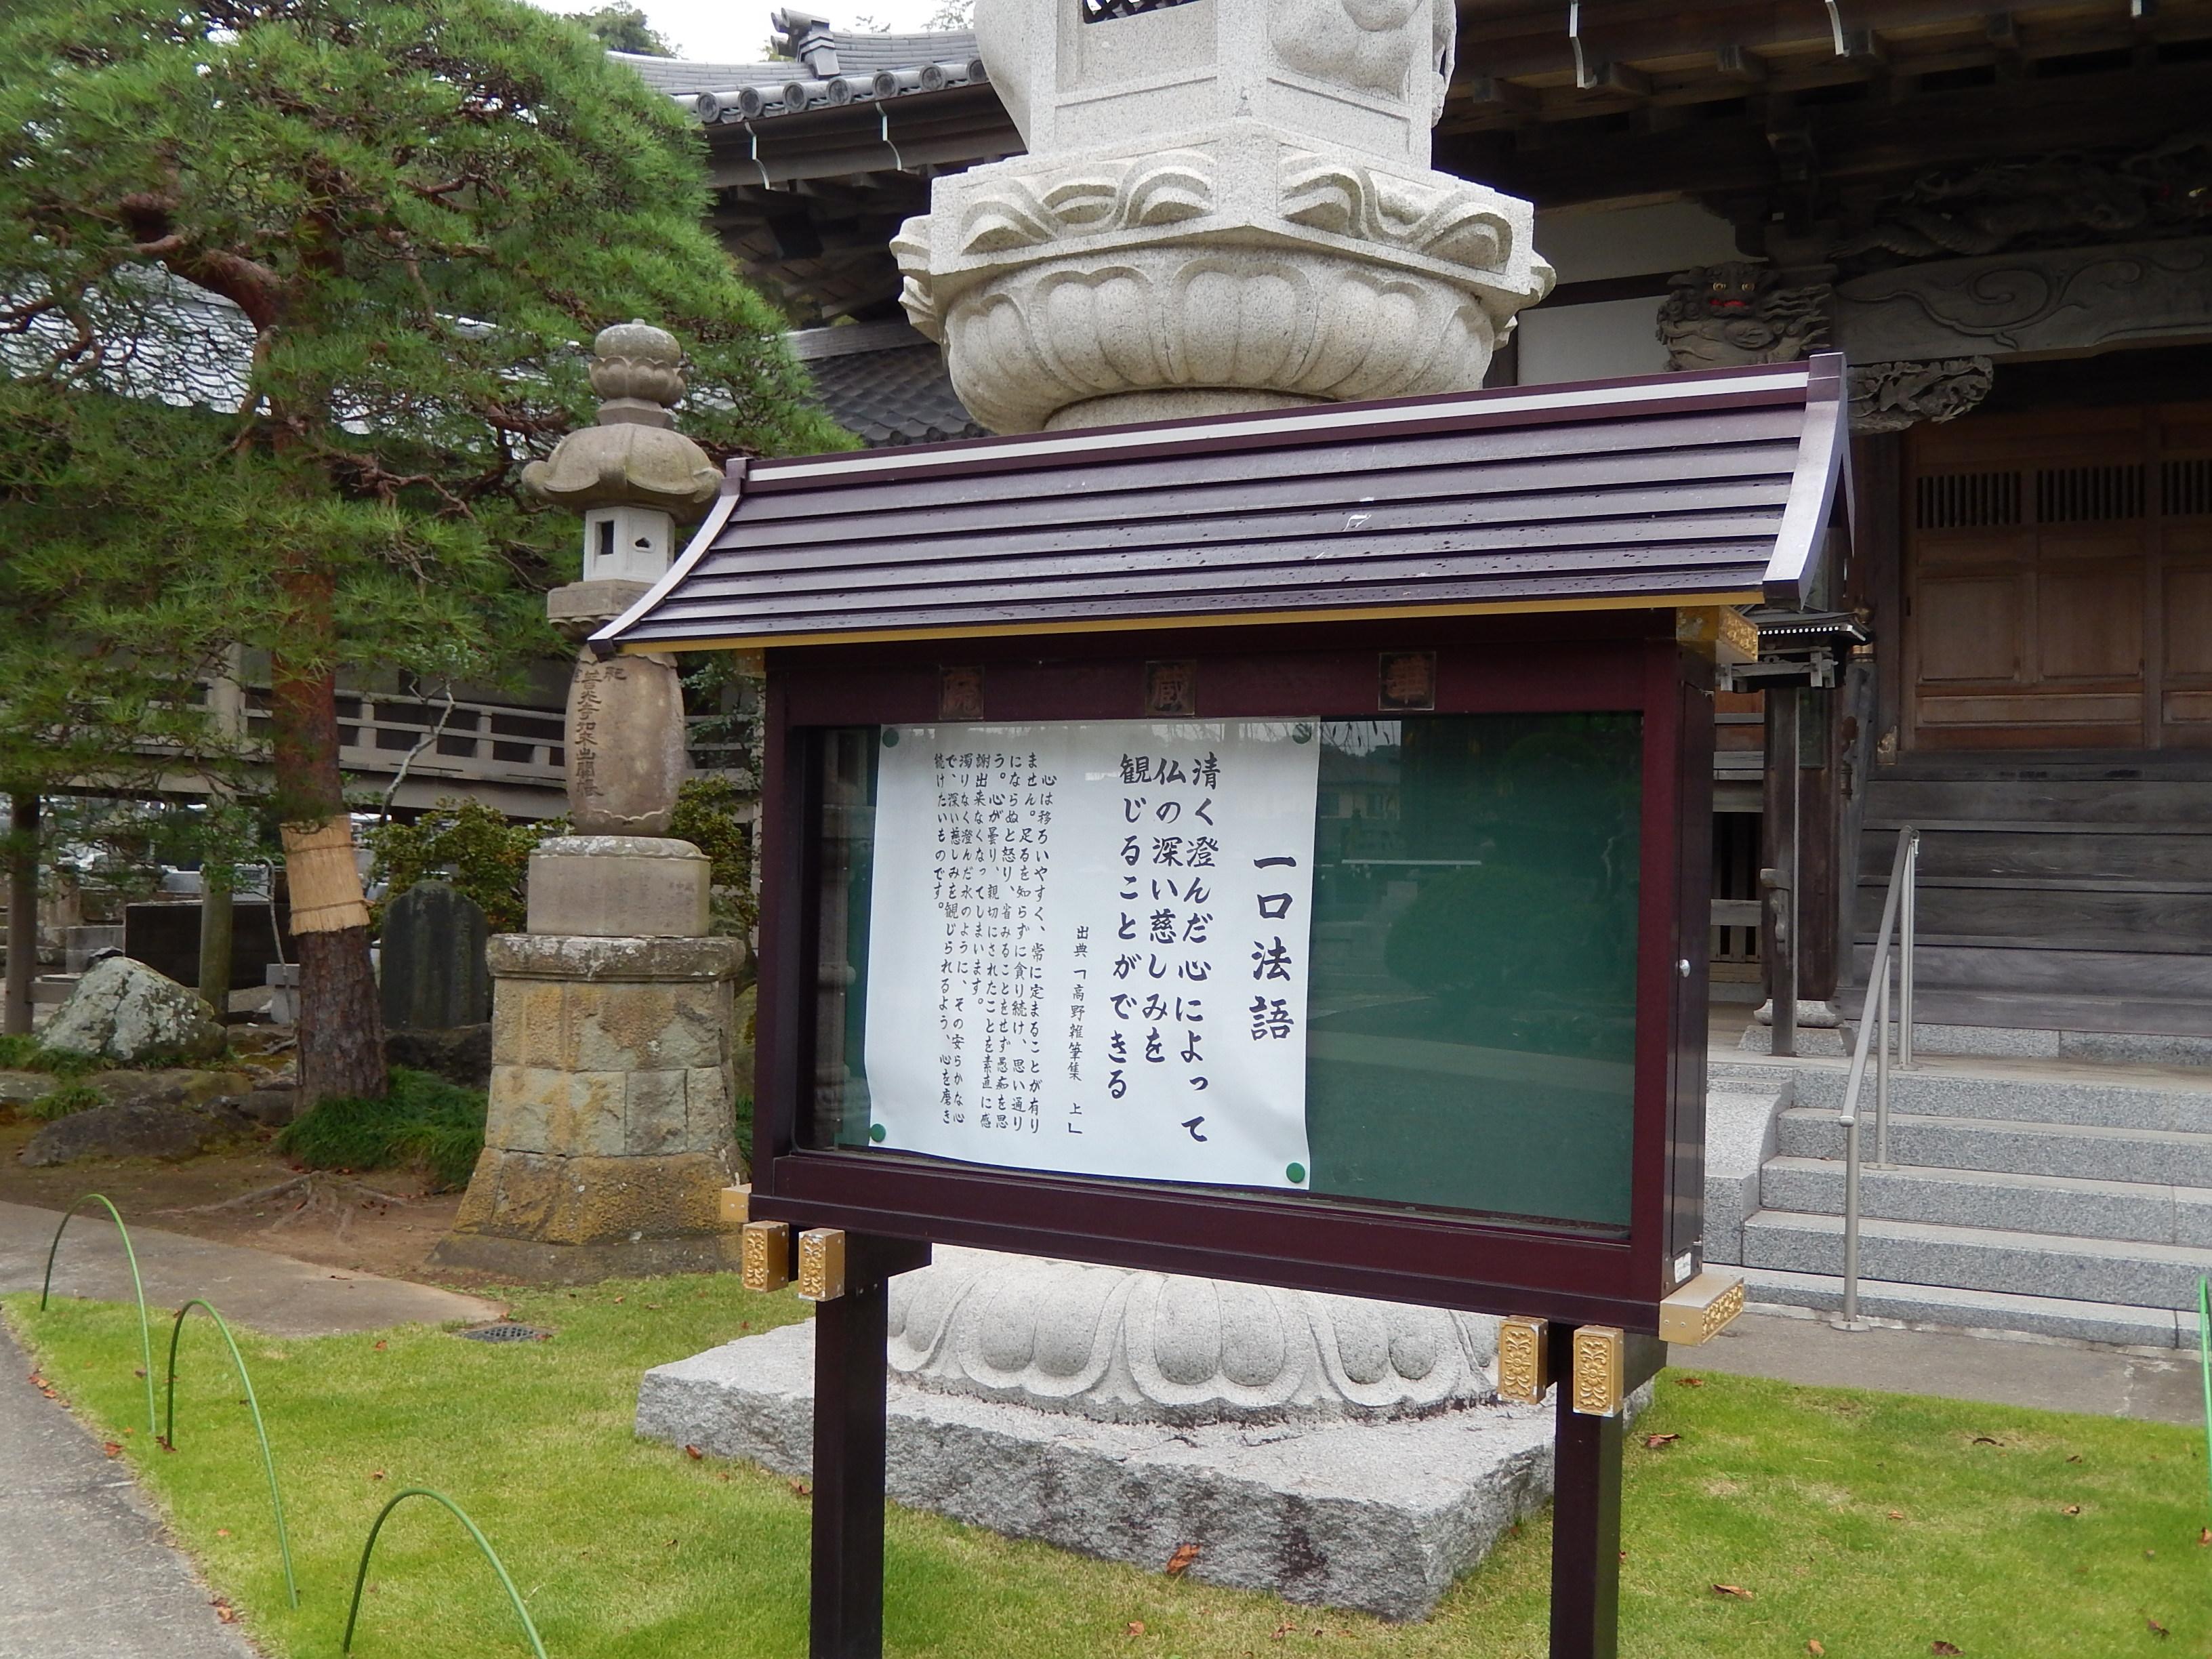 11月の掲示 那珂湊華蔵院